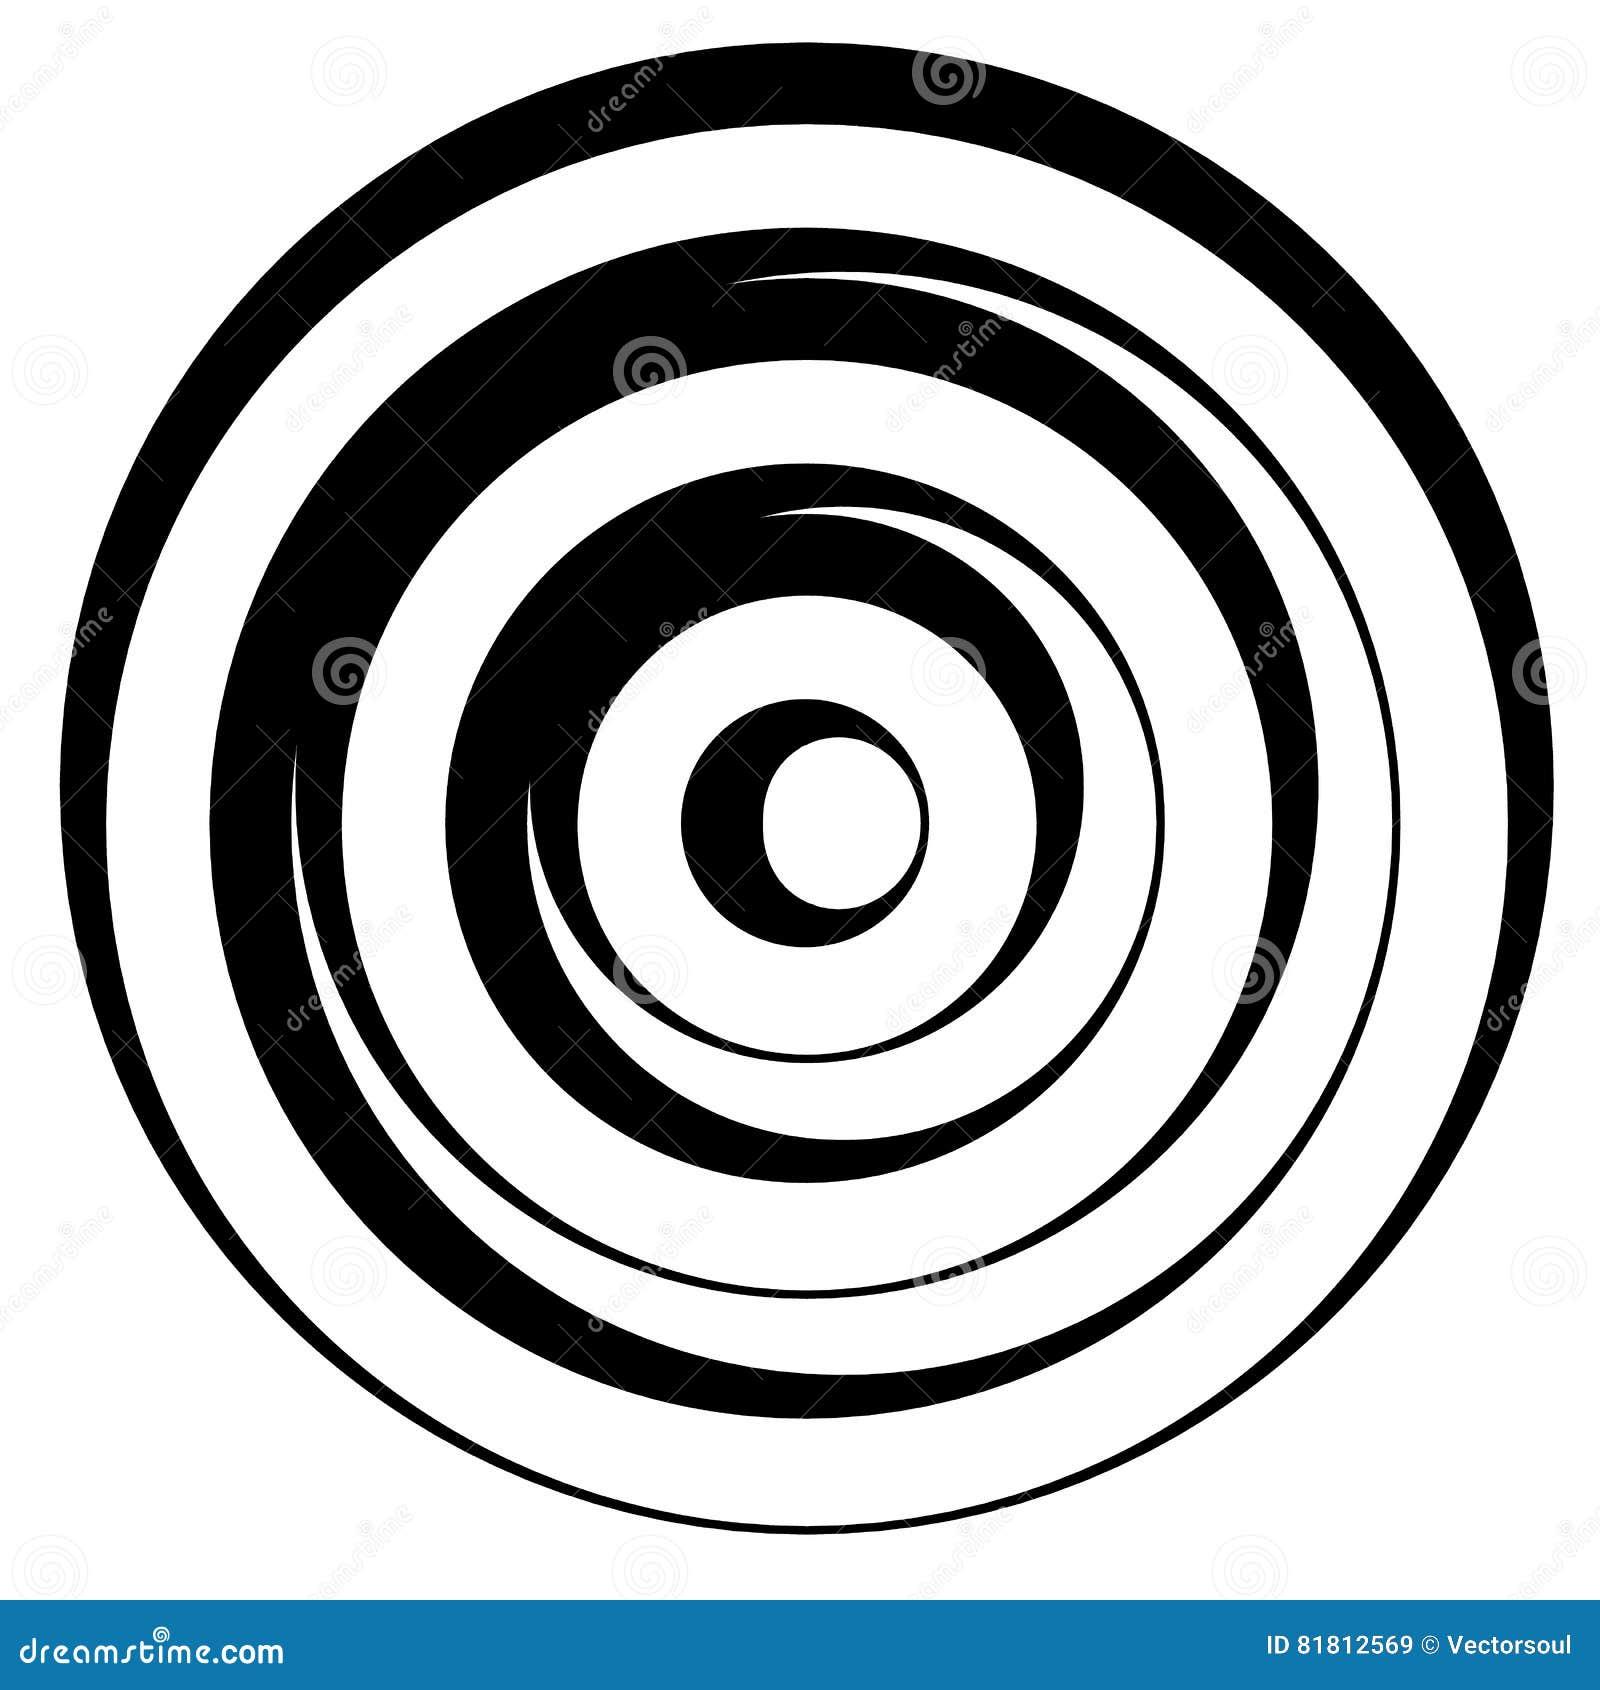 Линия сложной формы w концентрических кругов динамическая Monochrome конспект